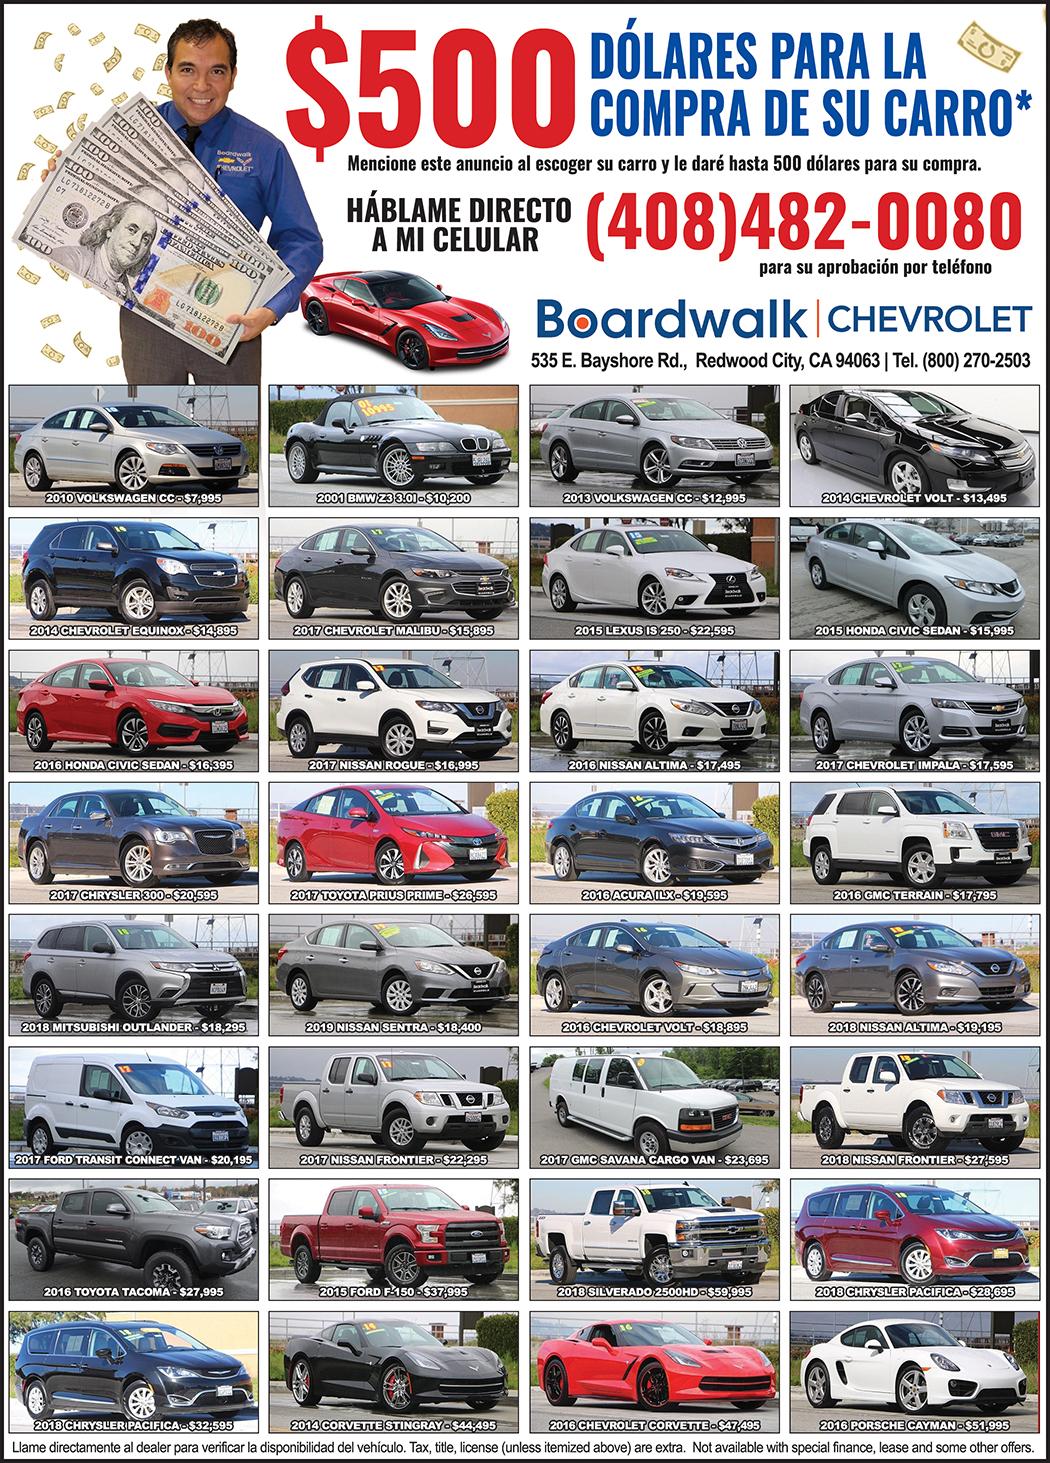 Boardwalk Chevrolet - Art Gallegos 1 PAG ABRIL 2019.jpg